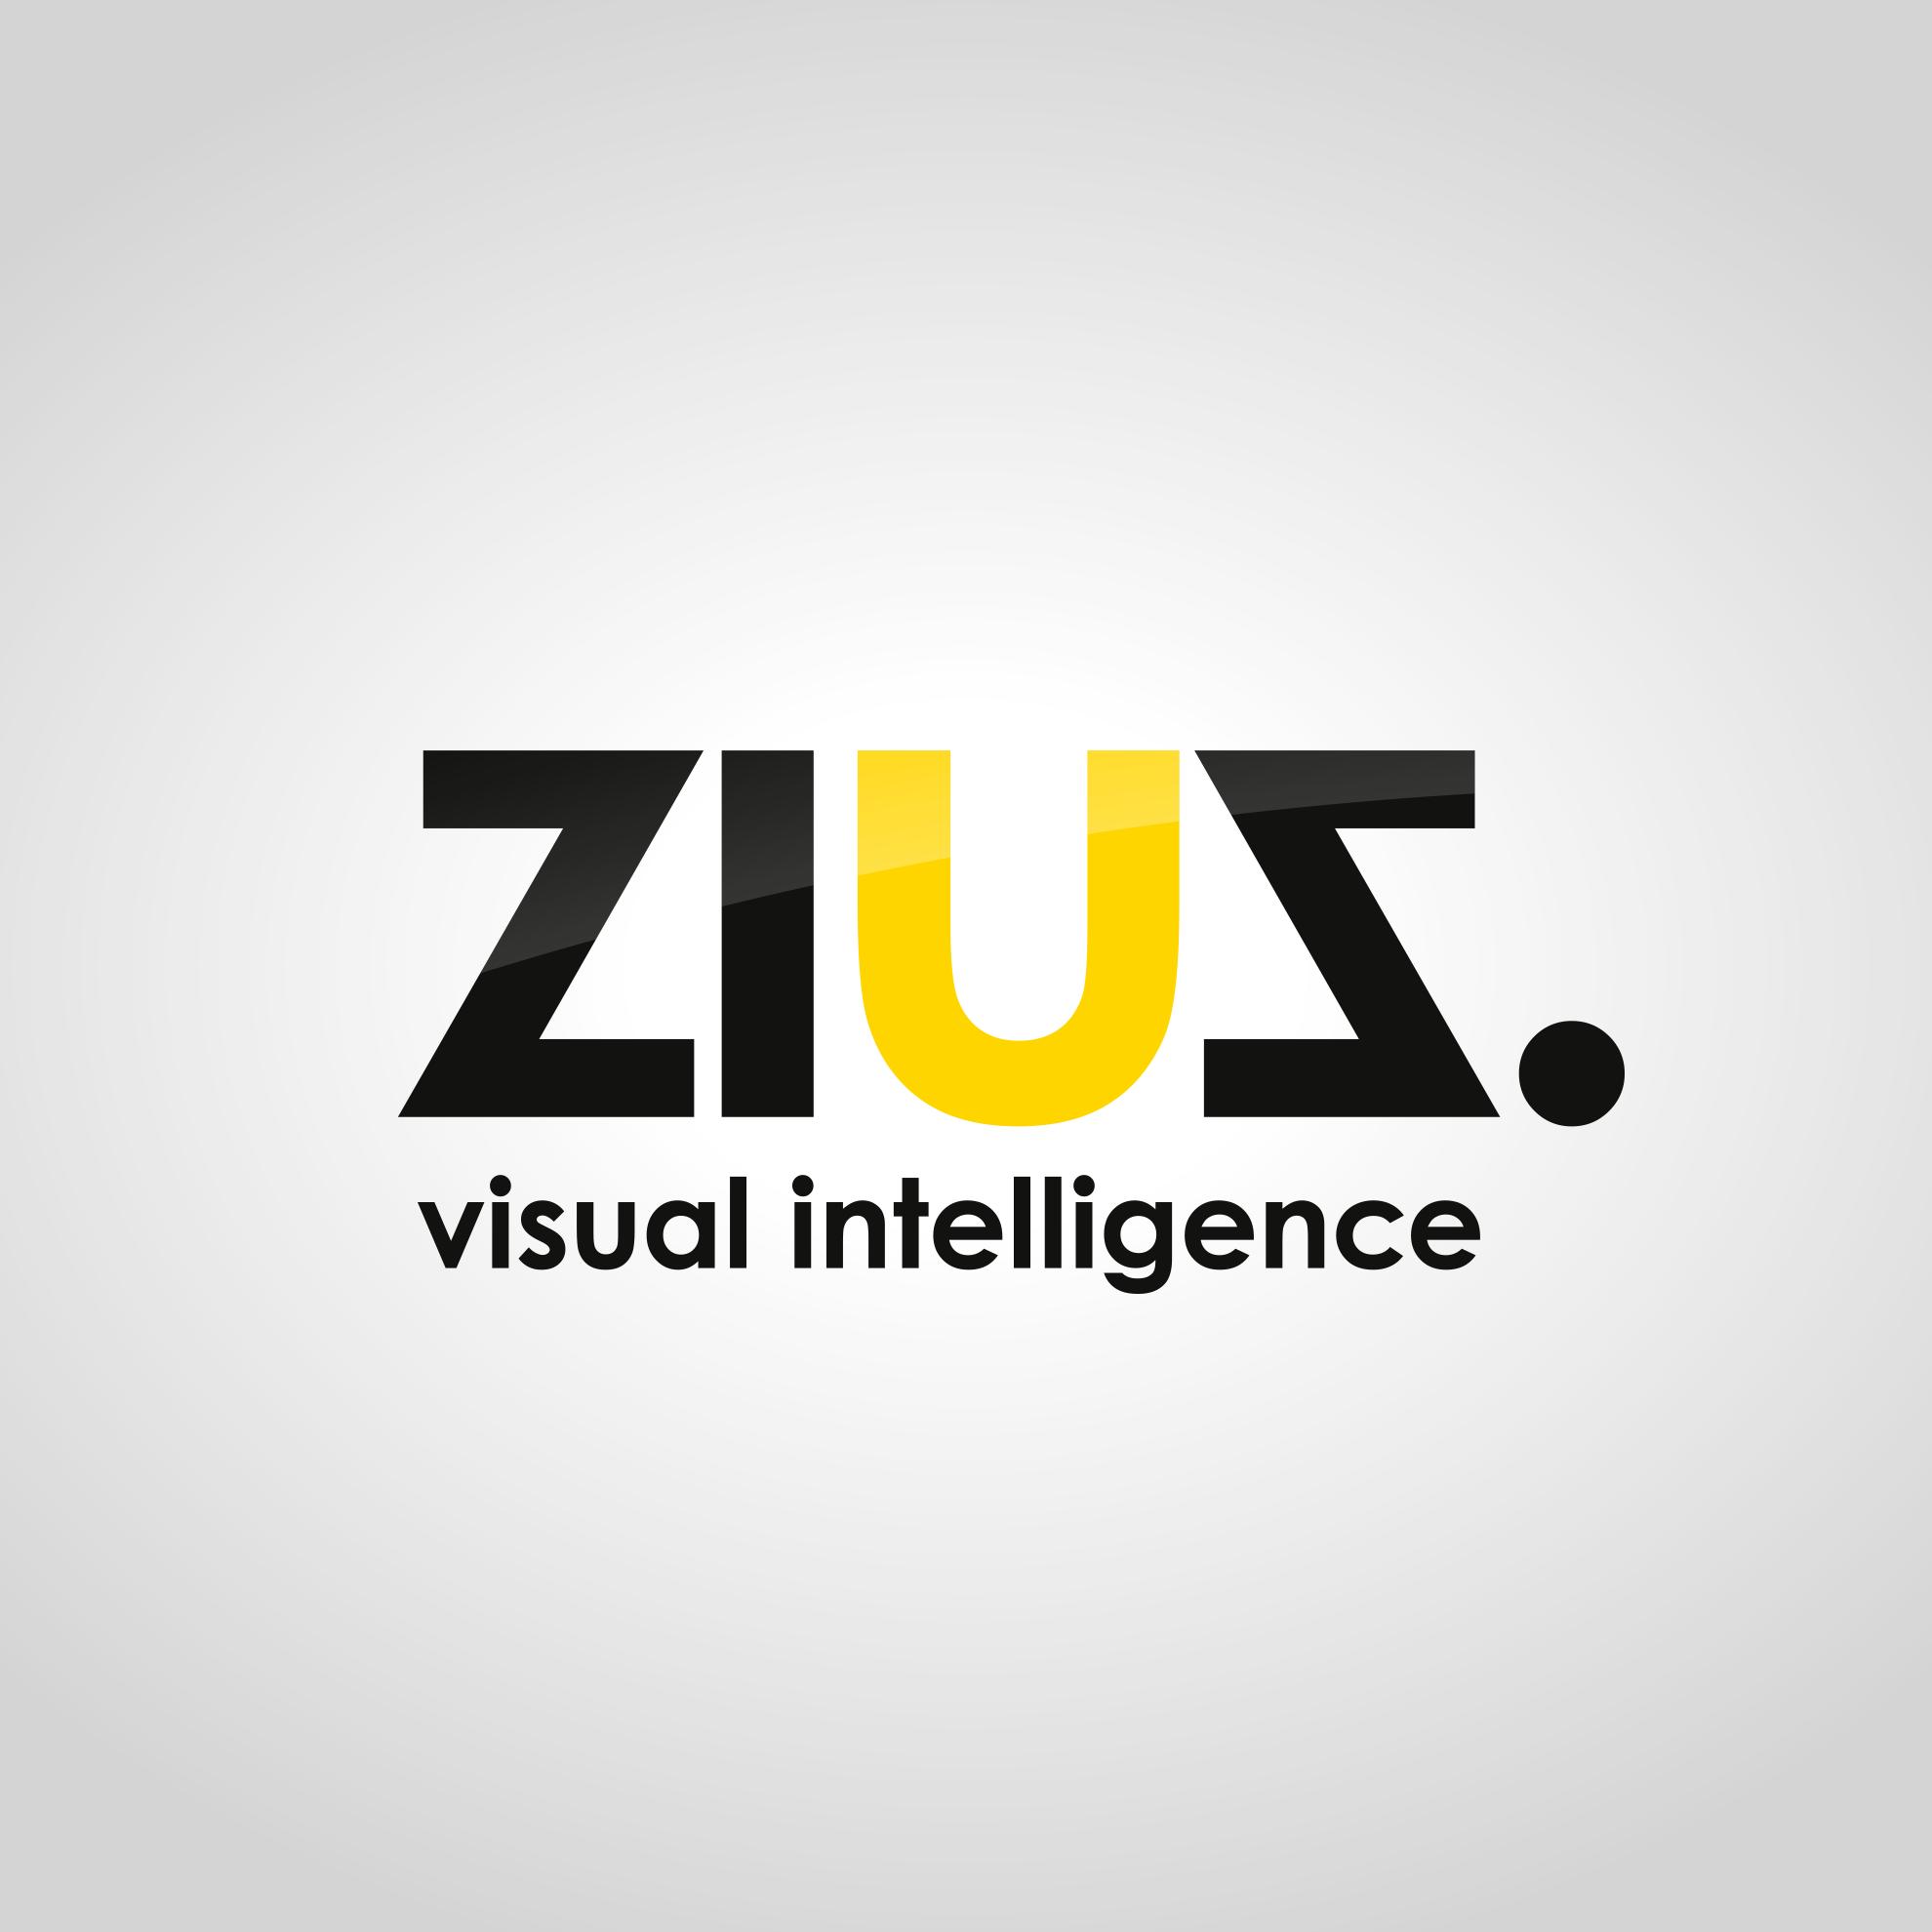 ziuz | ZiuZ logo